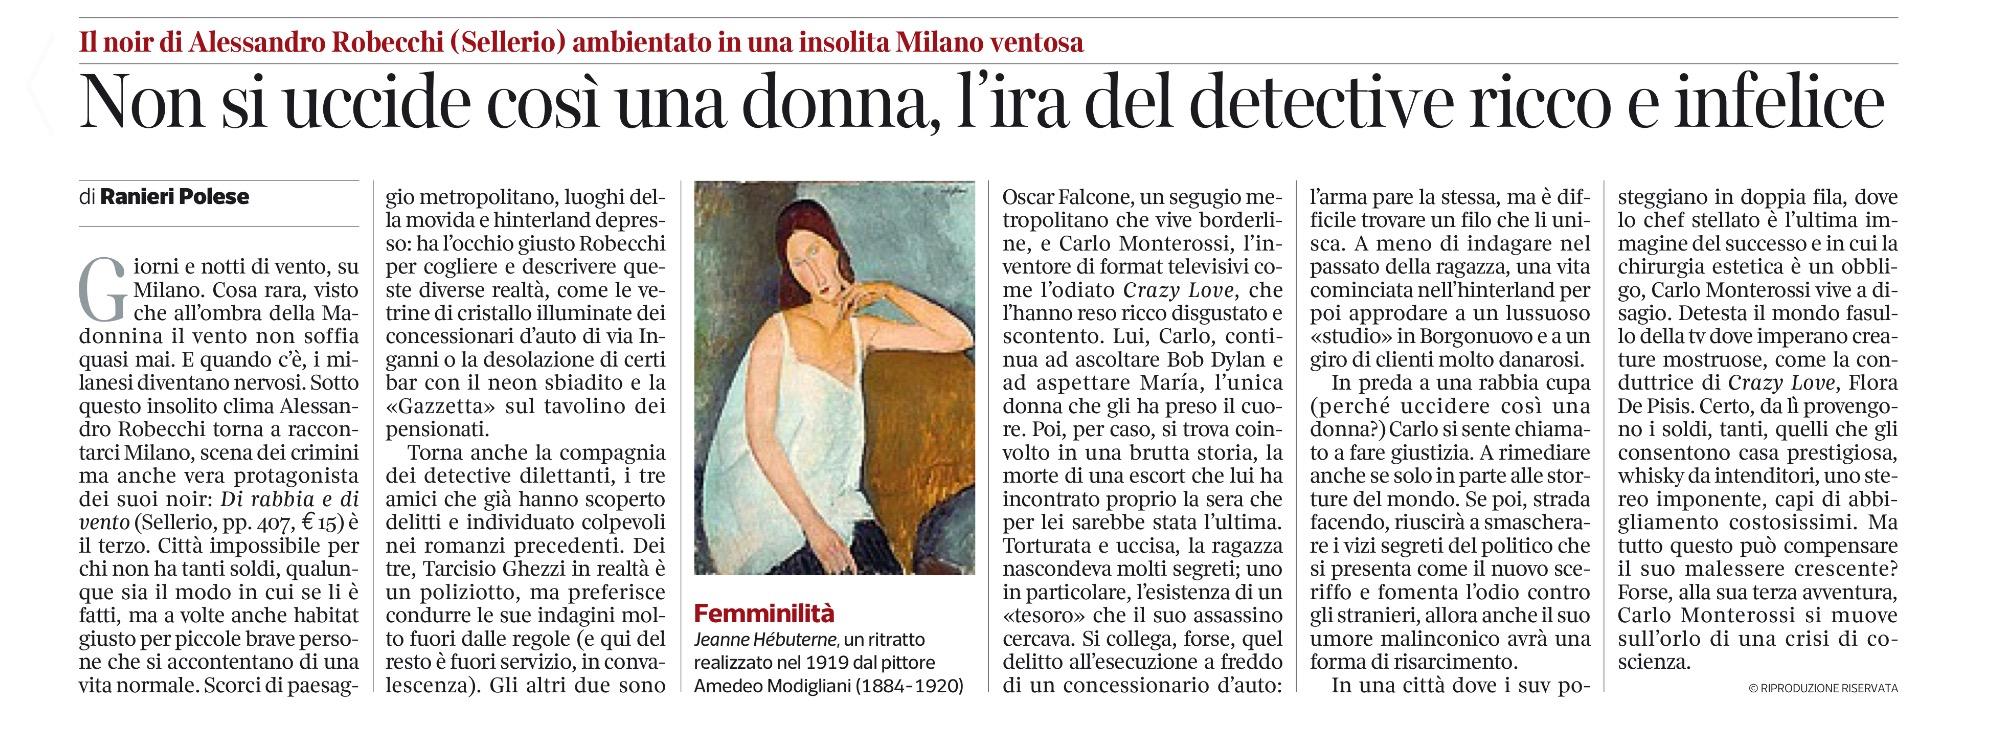 CorrieredellaSera290316